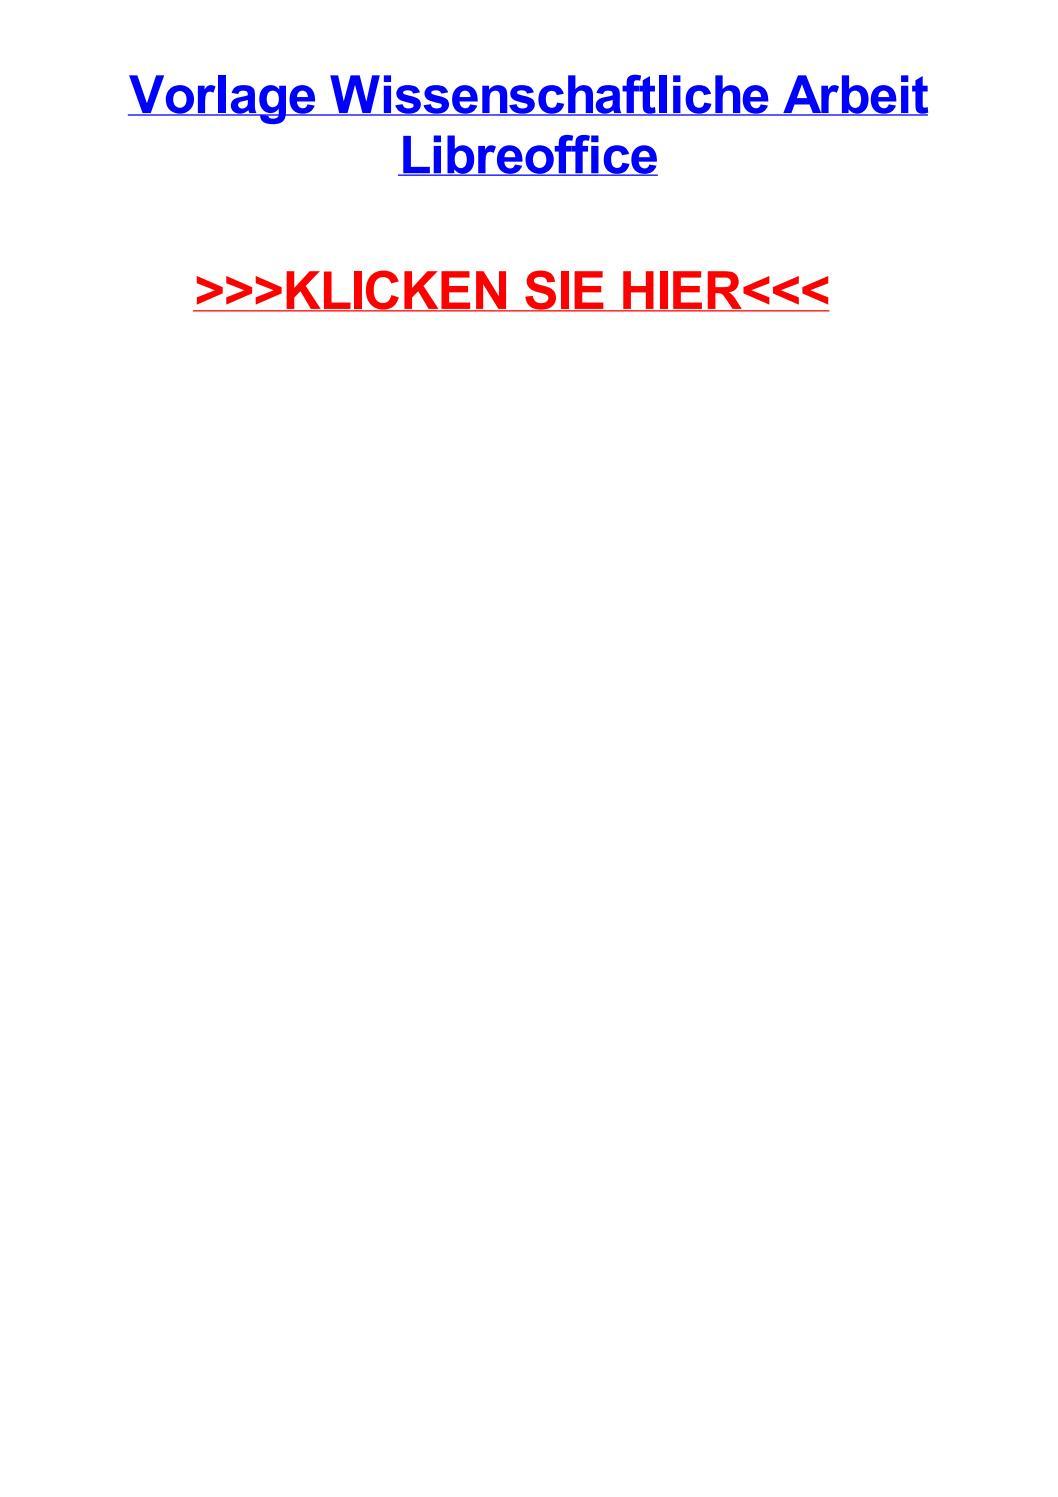 Vorlage Wissenschaftliche Arbeit Libreoffice By Max Polansky Issuu